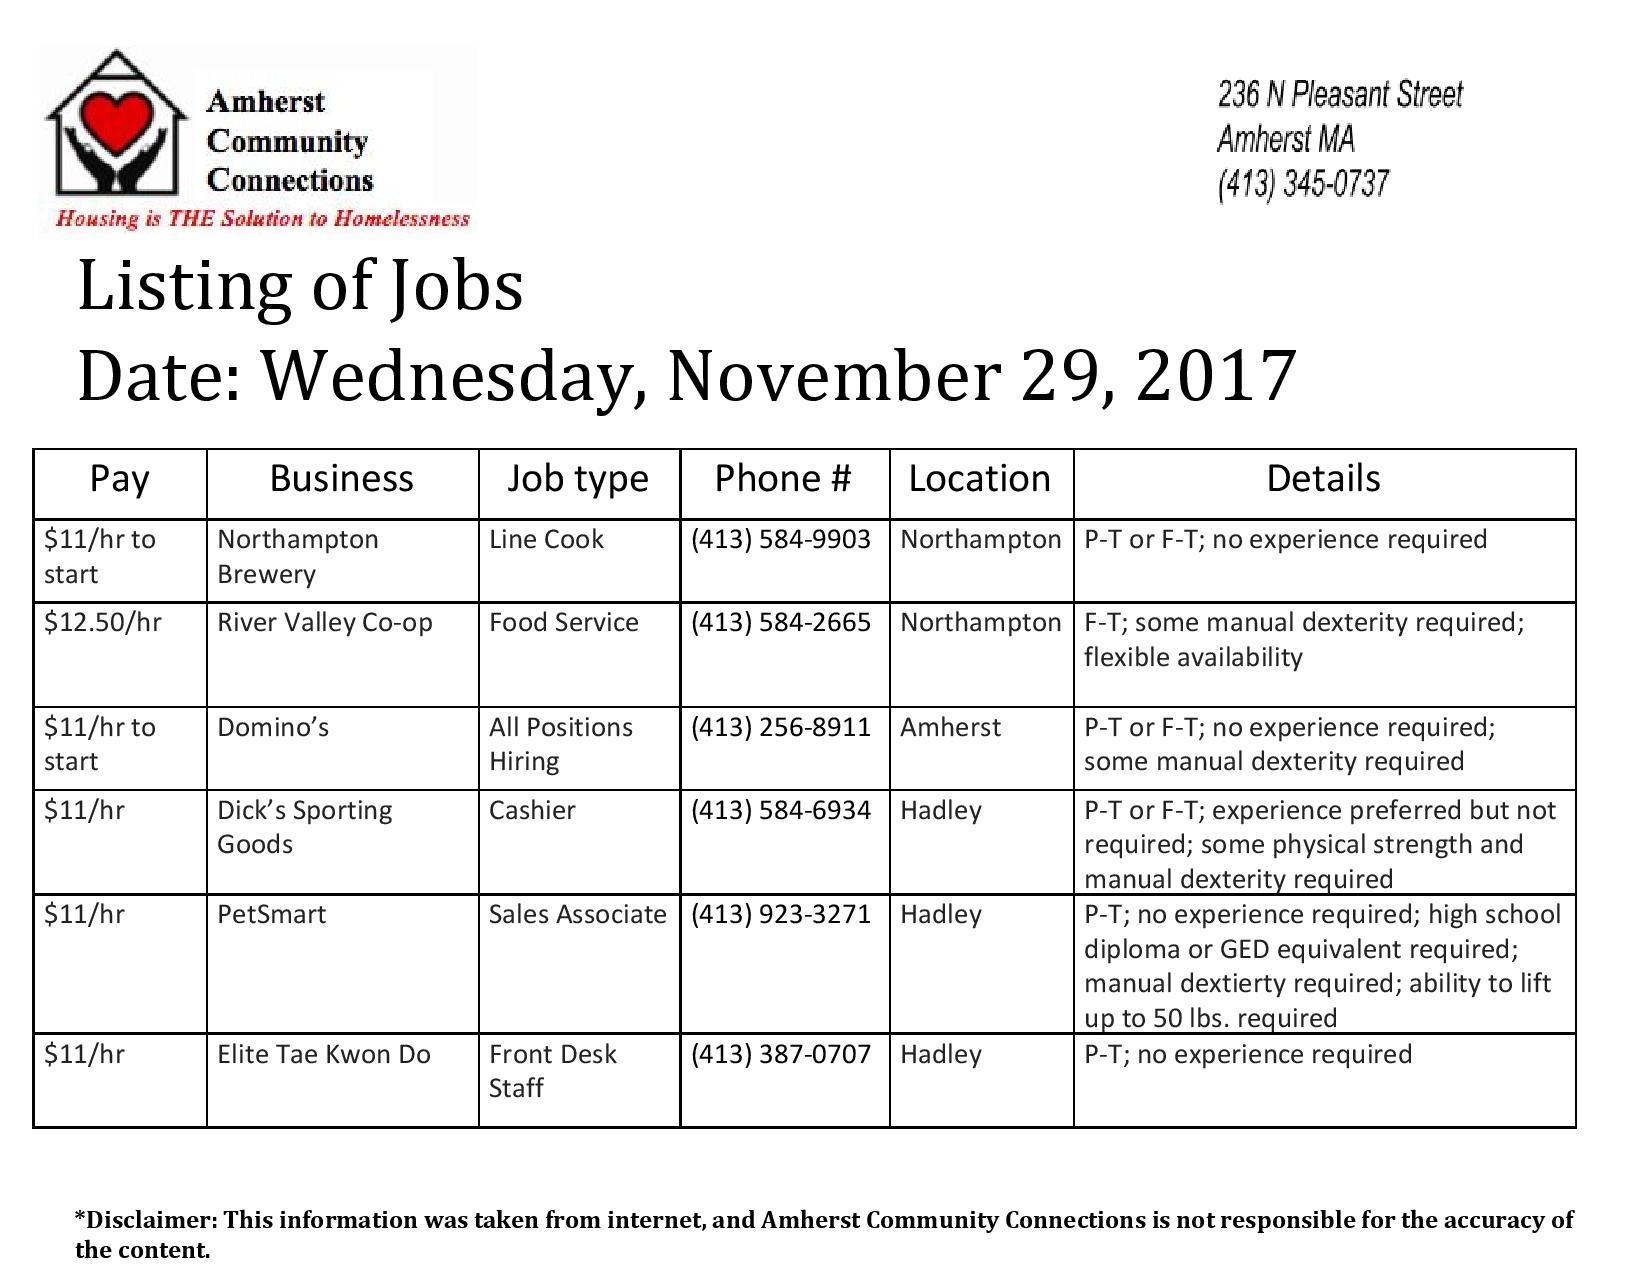 Job search form 11 2F29 2F17-page-001.jpg